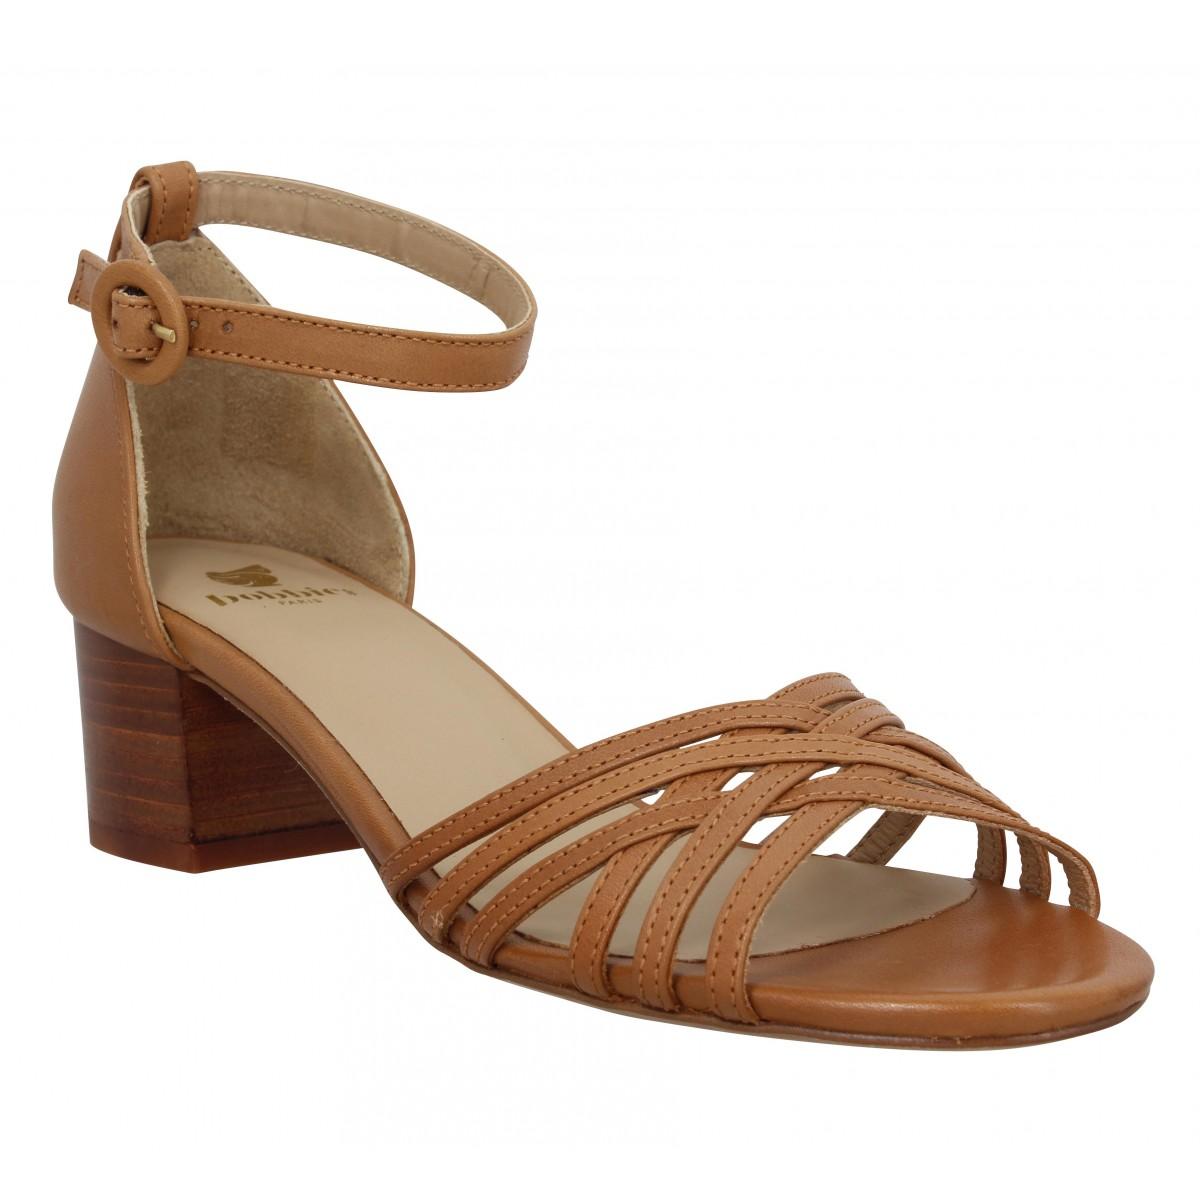 Sandales talons BOBBIES La Corinthienne cuir Femme Camel